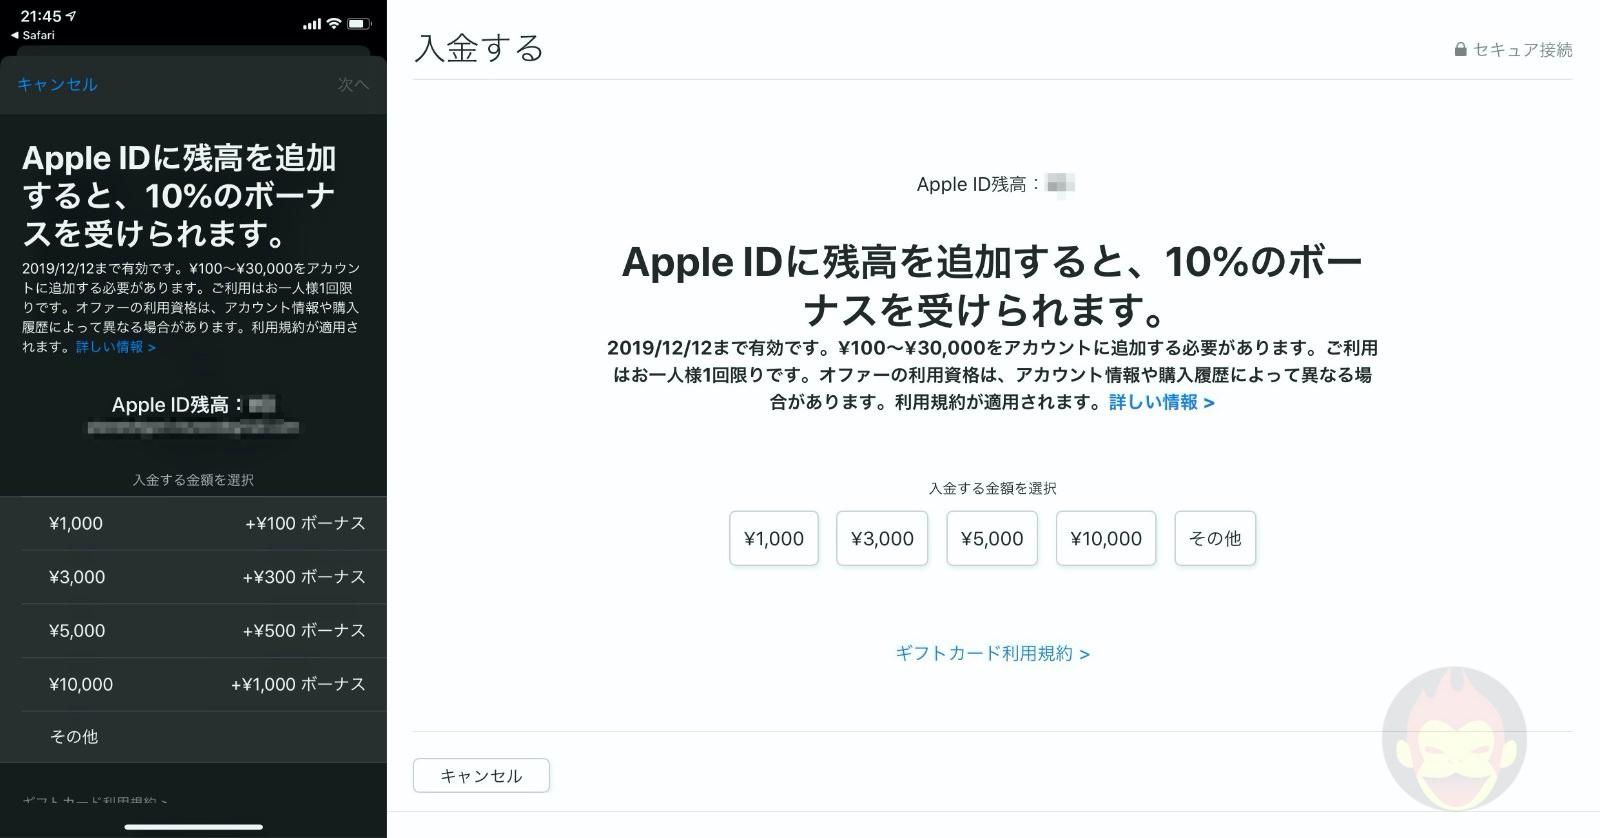 Apple ID Bonus November 2019 01